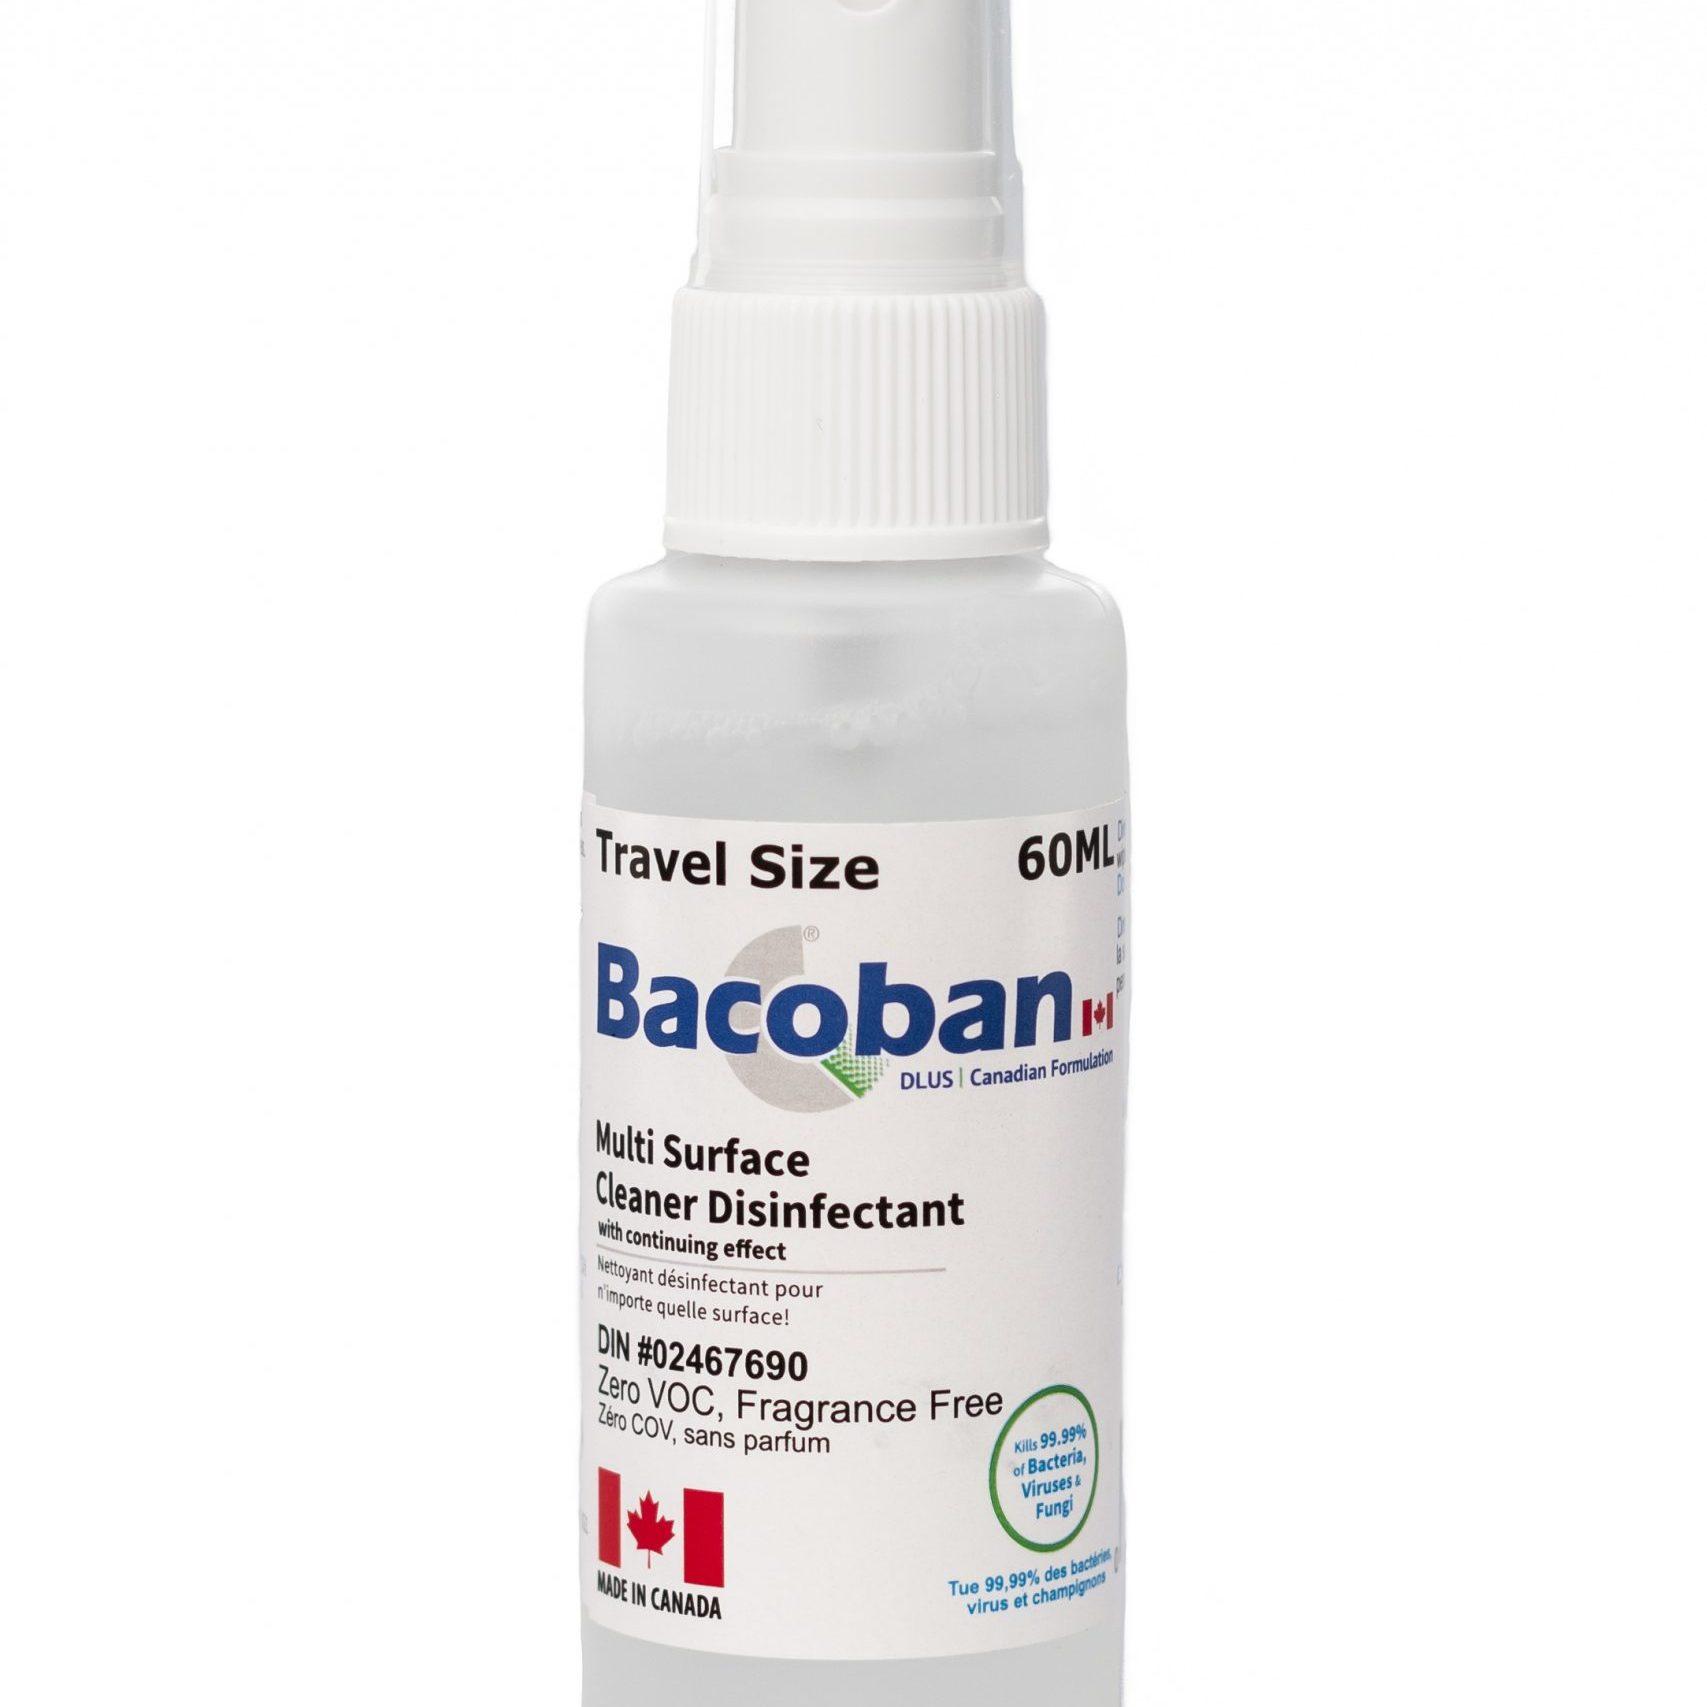 bacoban-60ml